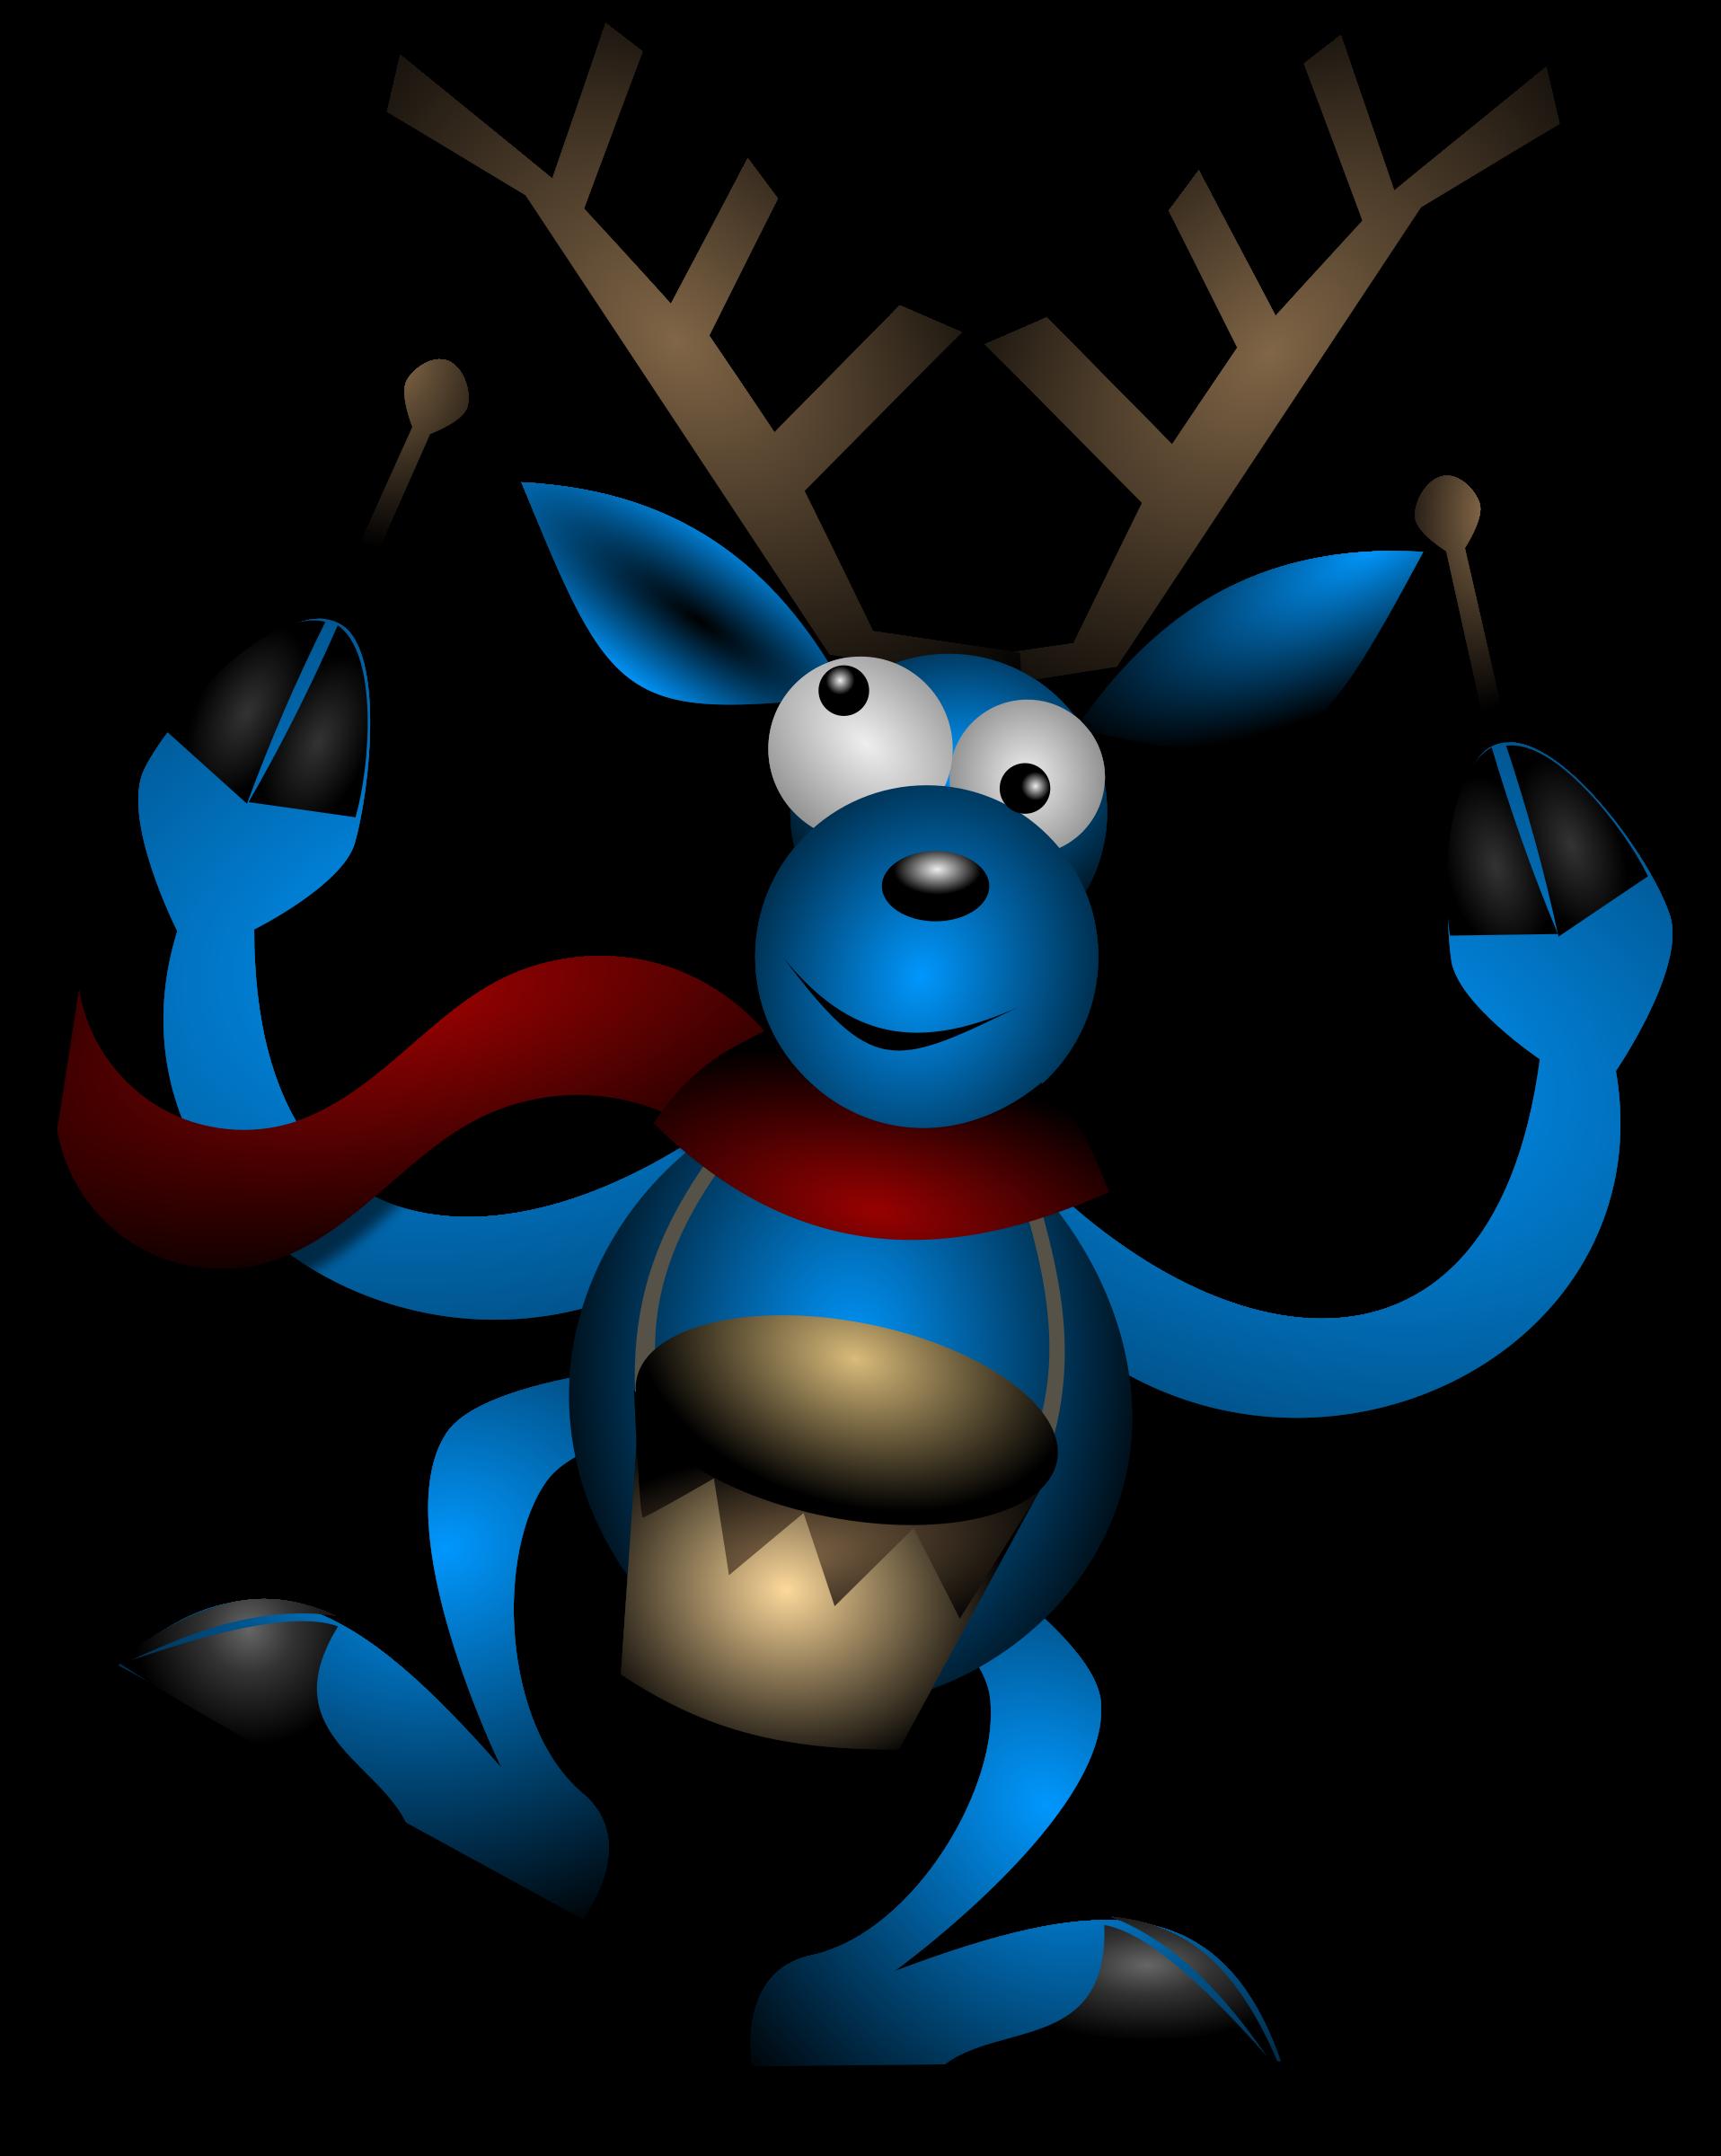 Dancing reindeer big image. Winter clipart dance